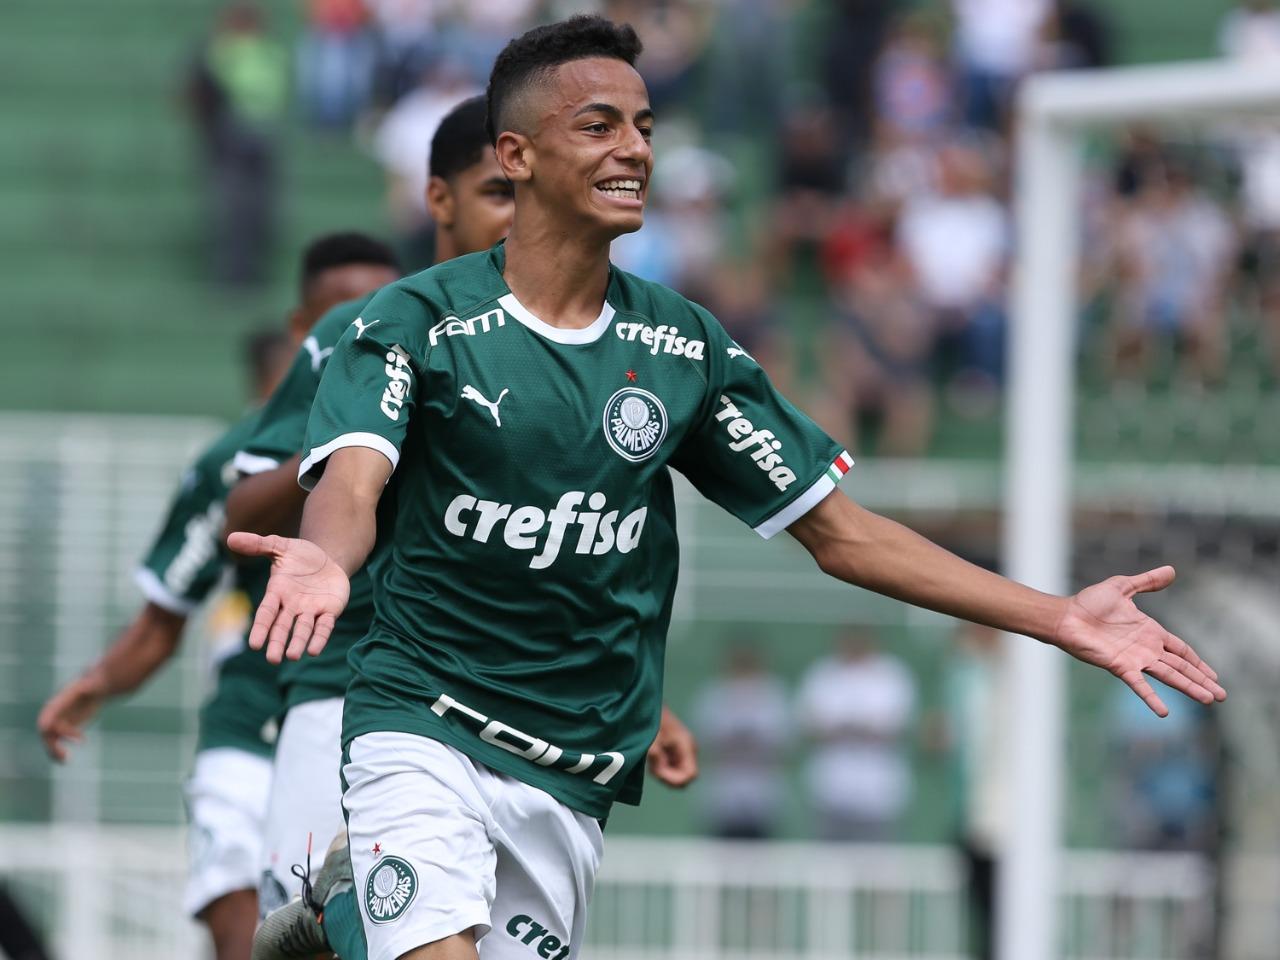 Fabio Menotti/Ag. Palmeiras/Divulgação_Giovani foi o artilheiro do time na competição, com 15 gols